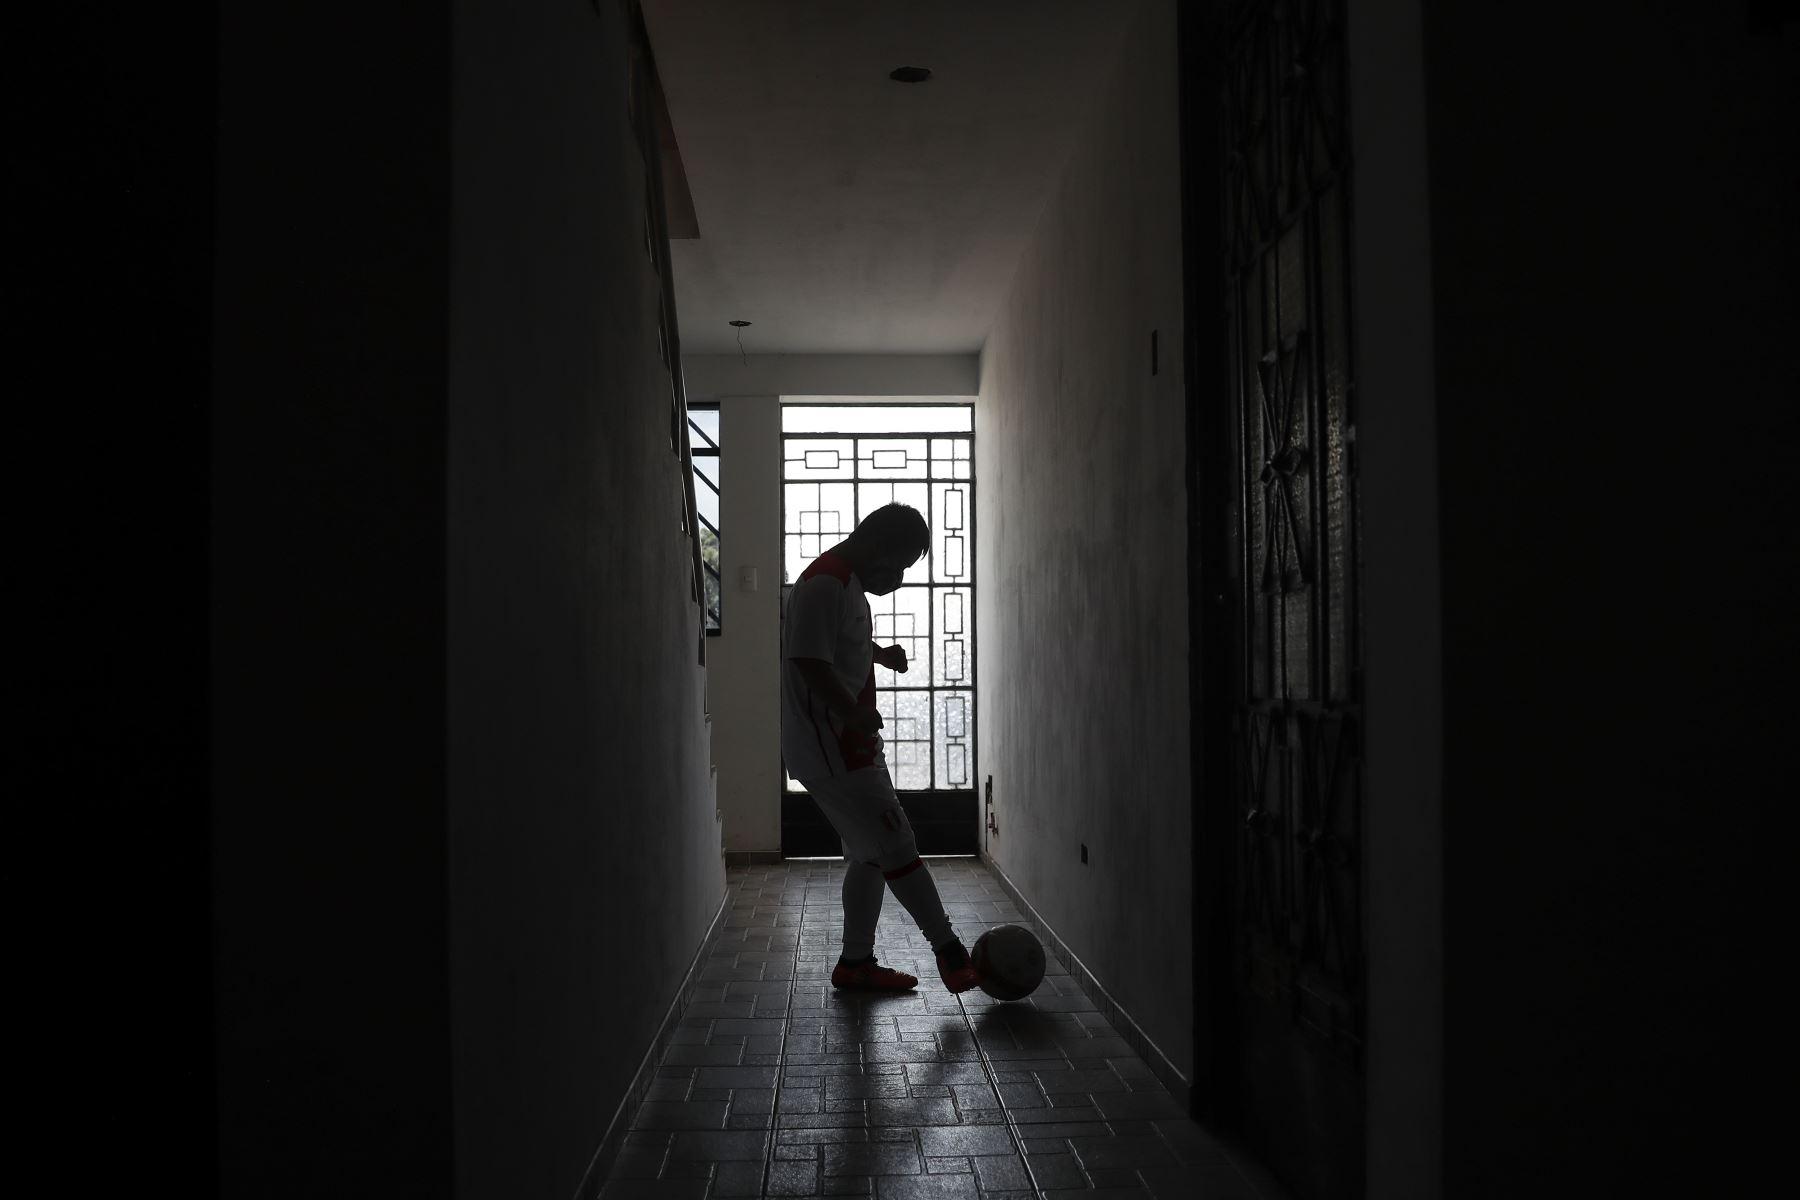 Ronny Flores practica algunas tiros contra la pared en el pasillo de su hogar debido al confinamiento que acata, en Villa El Salvador. Foto: ANDINA/Renato Pajuelo